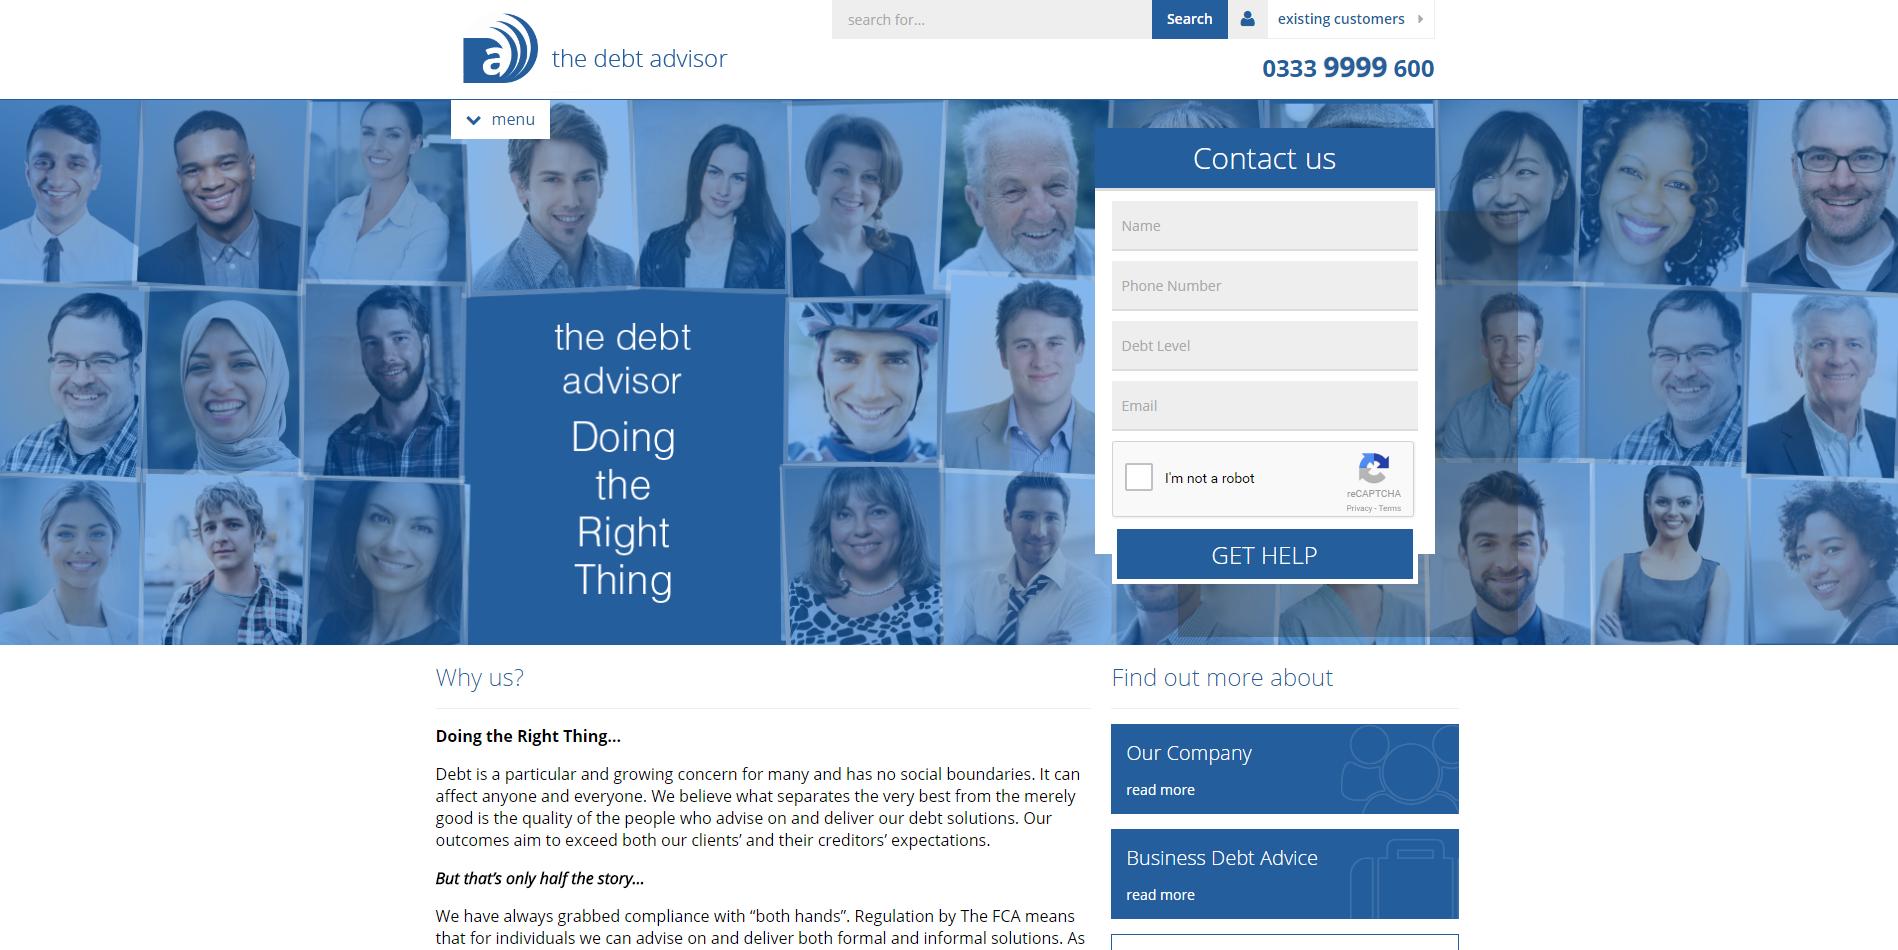 The Debt Advisor